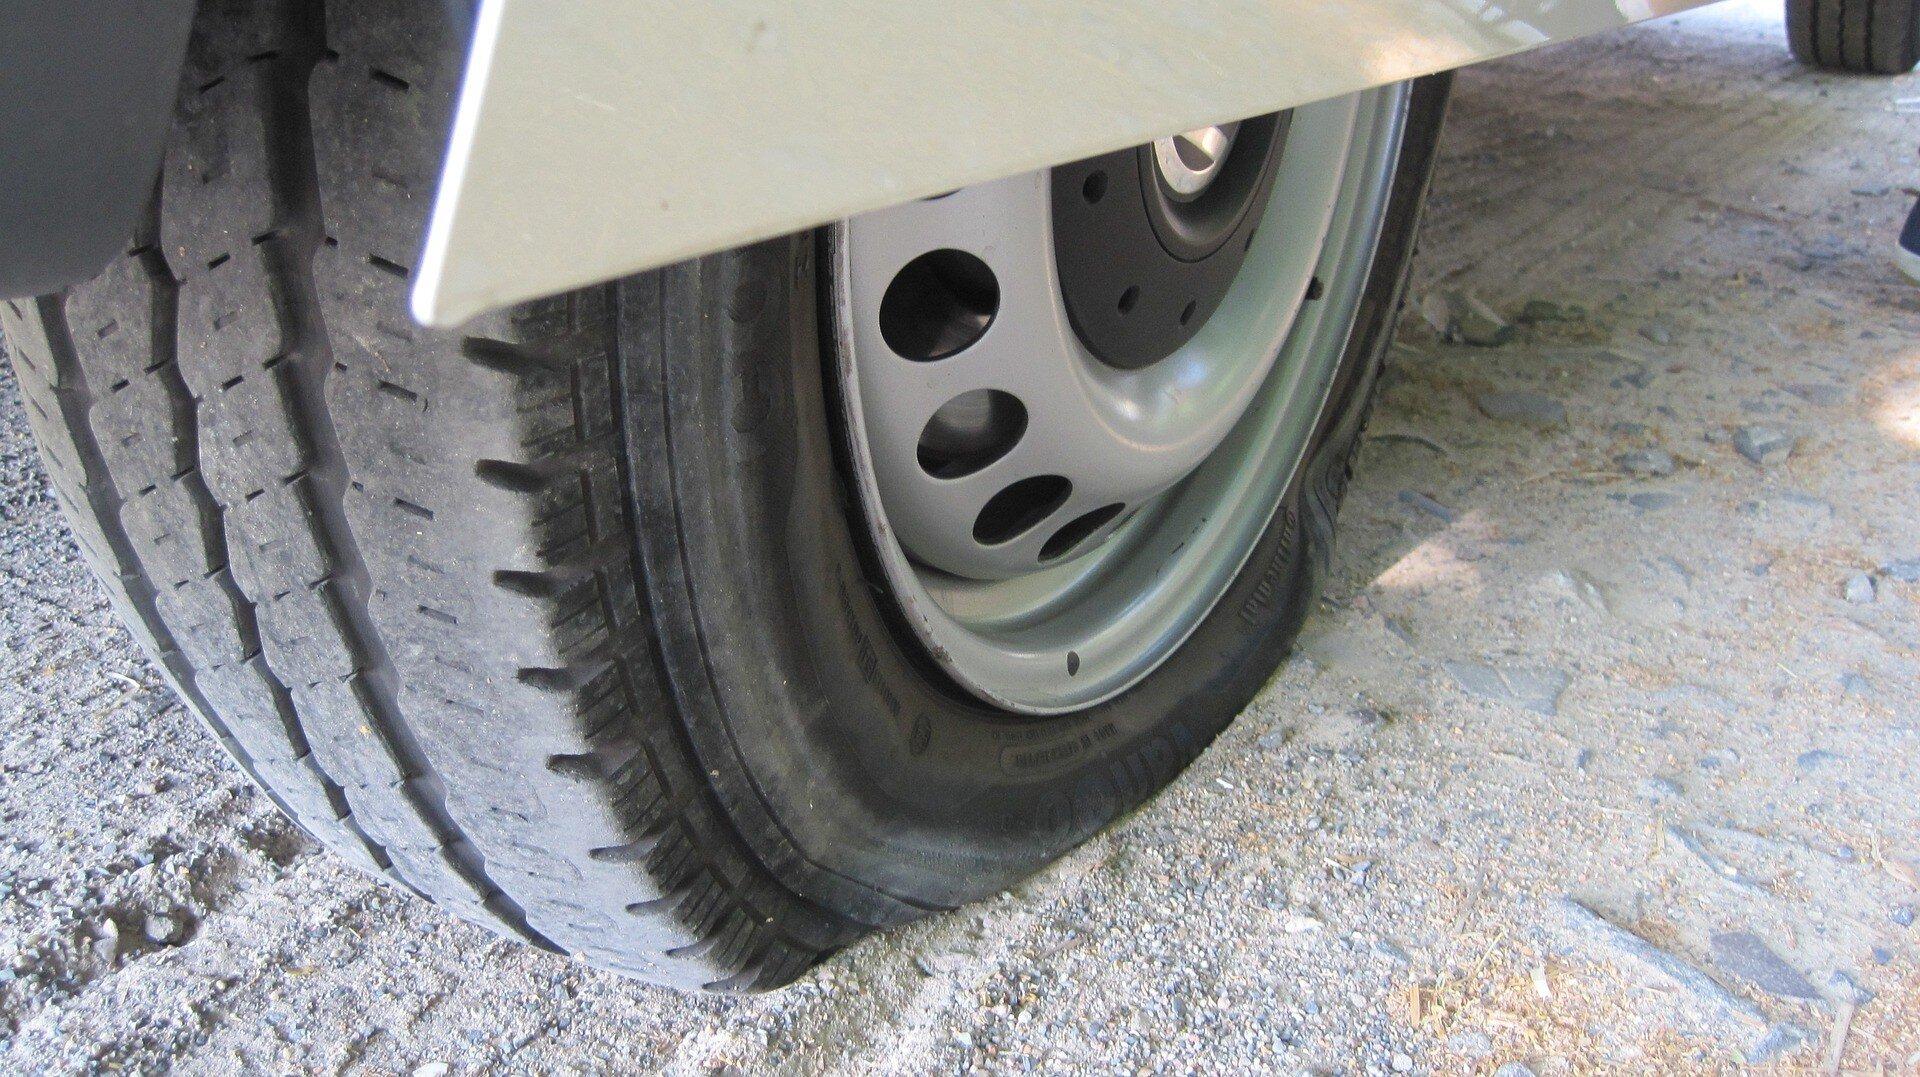 Wohnwagen Reifen im Staub mit Reifenpanne